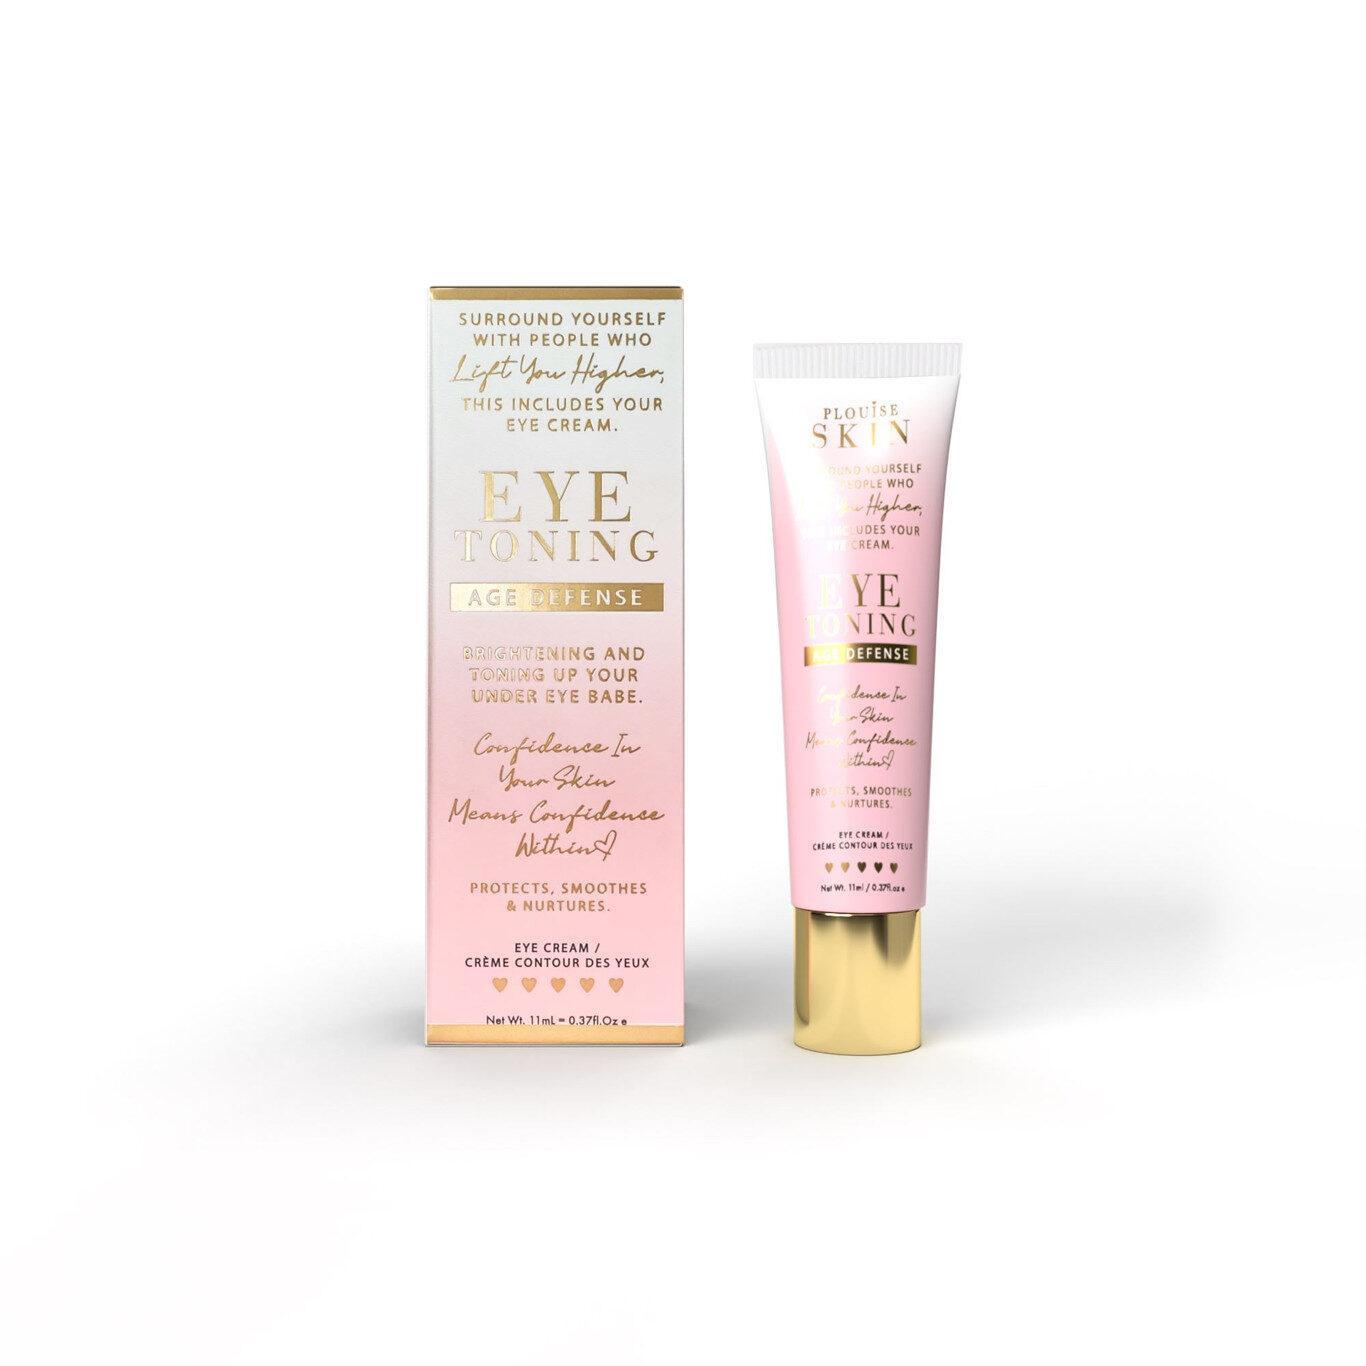 Plouise Skin Eye Toning Eye Cream